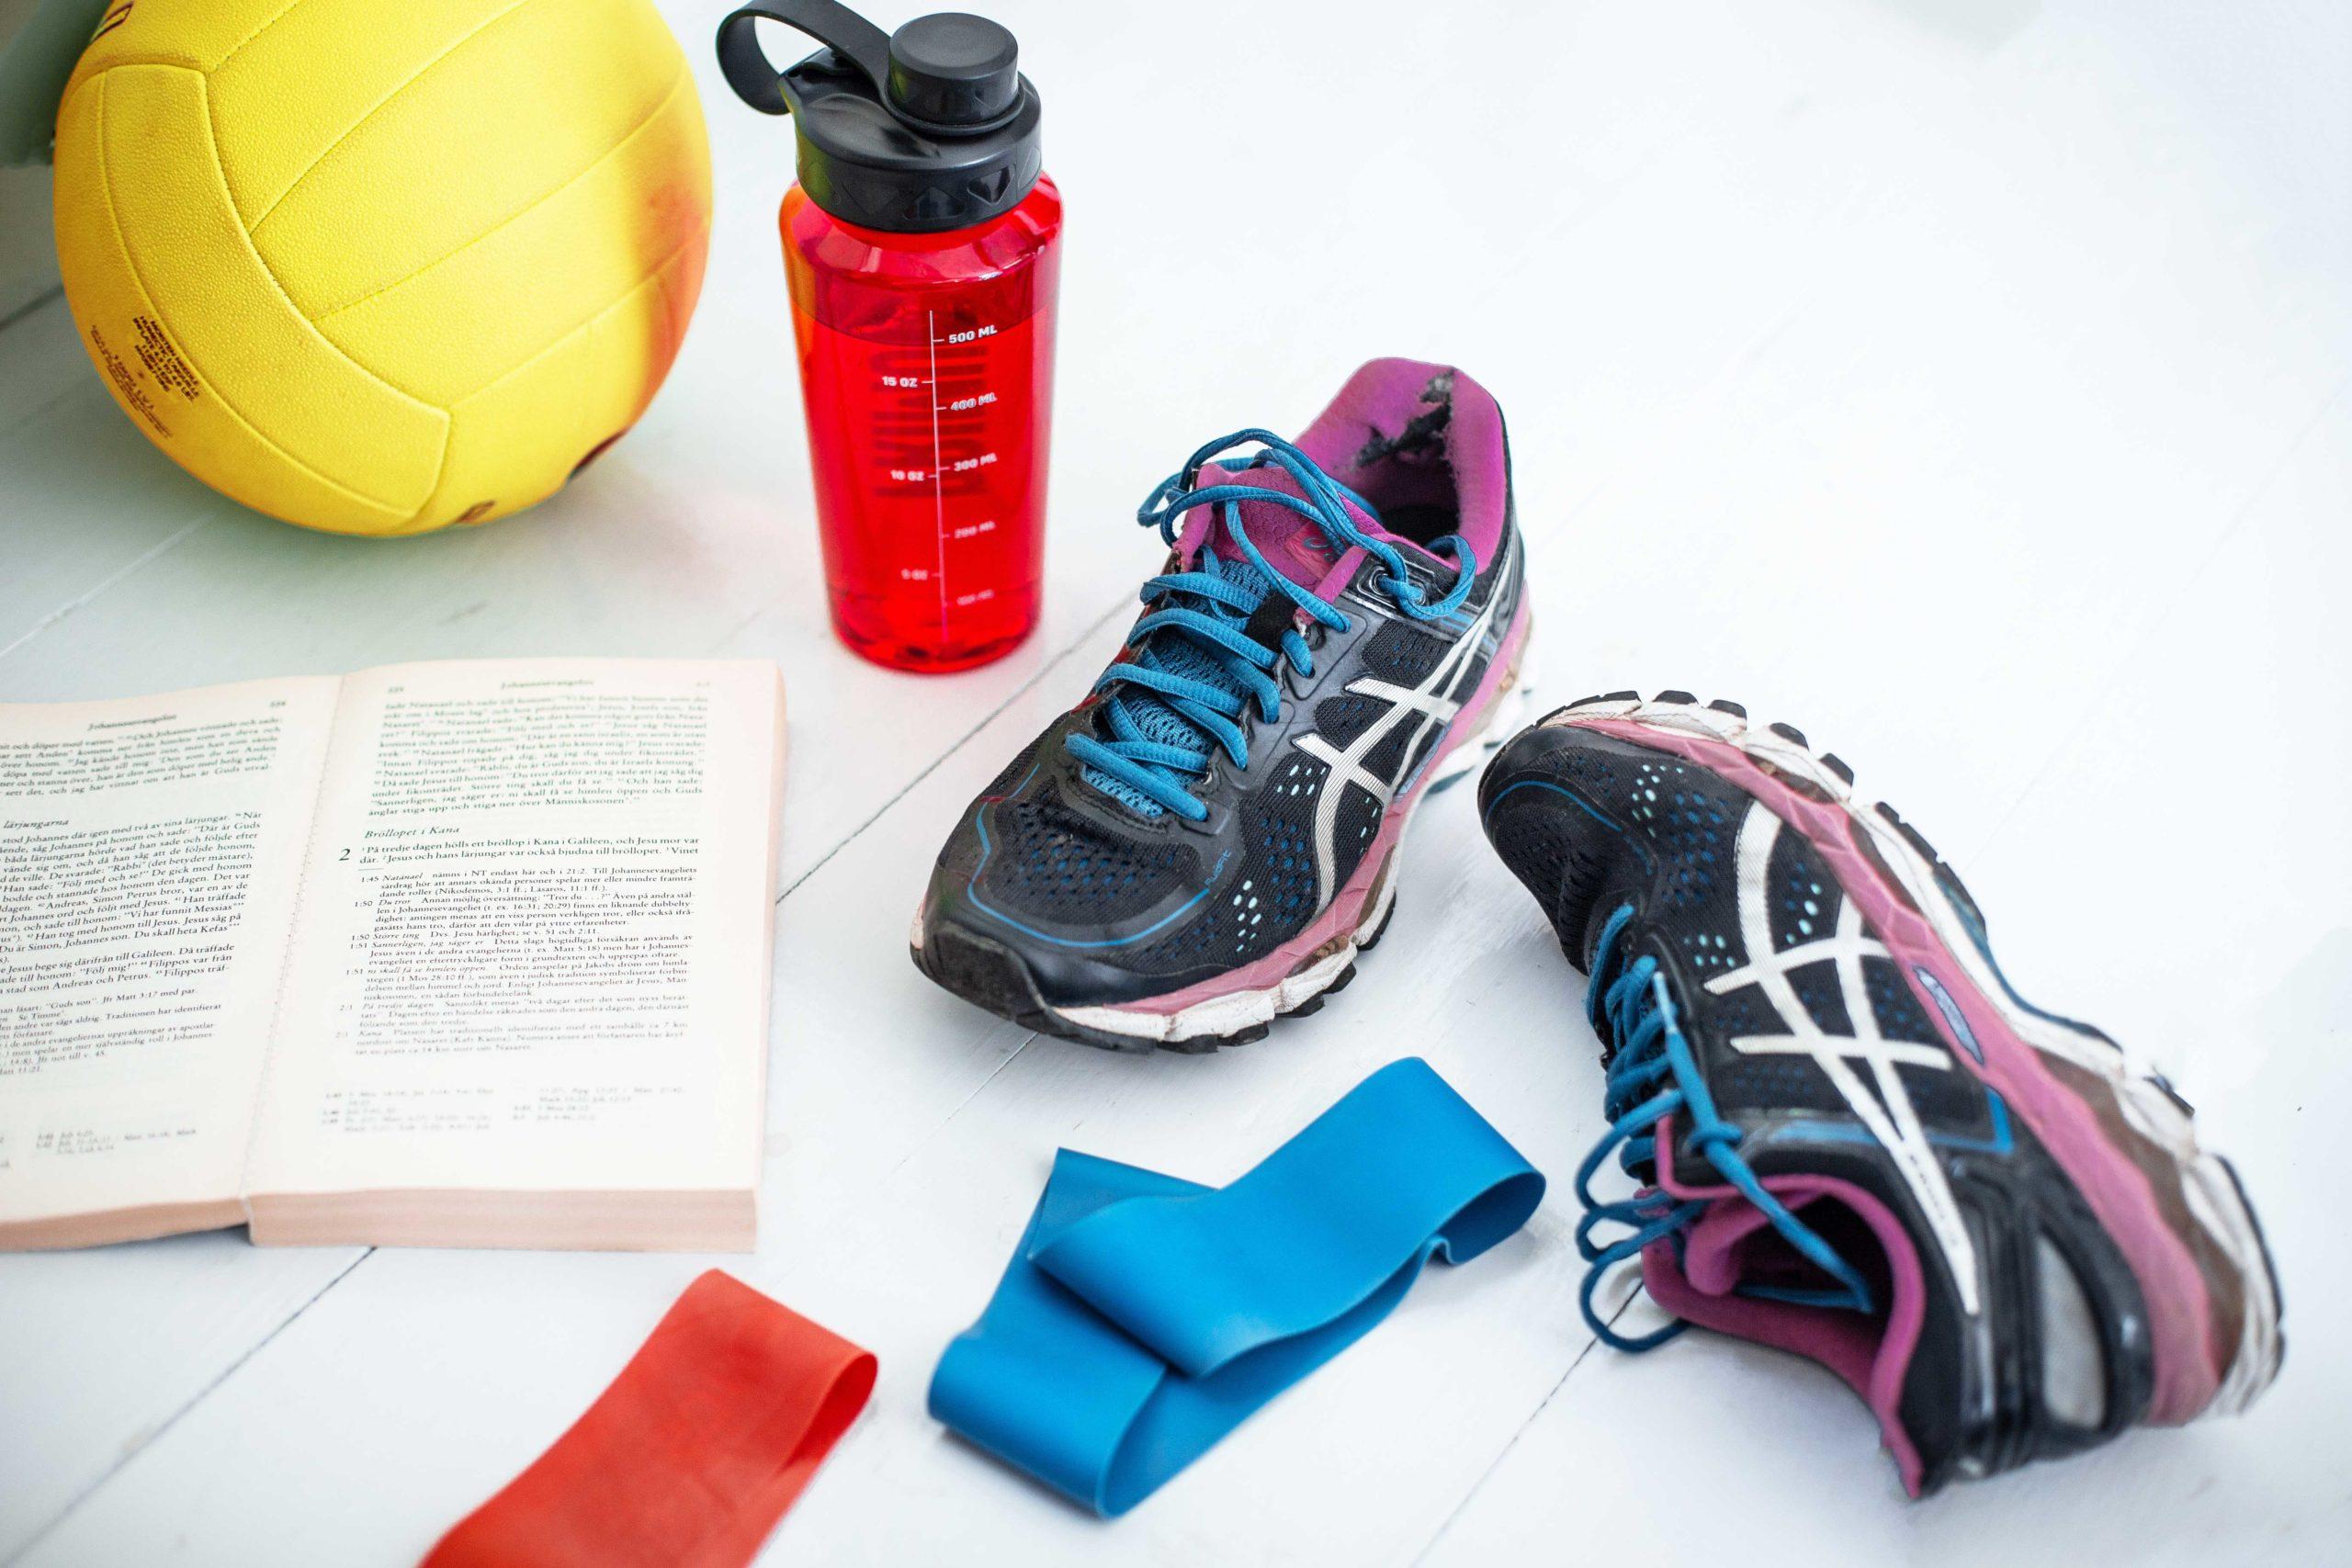 Pulsbild med gympaskor, boll, vattenflaska, gummiband, bibel.